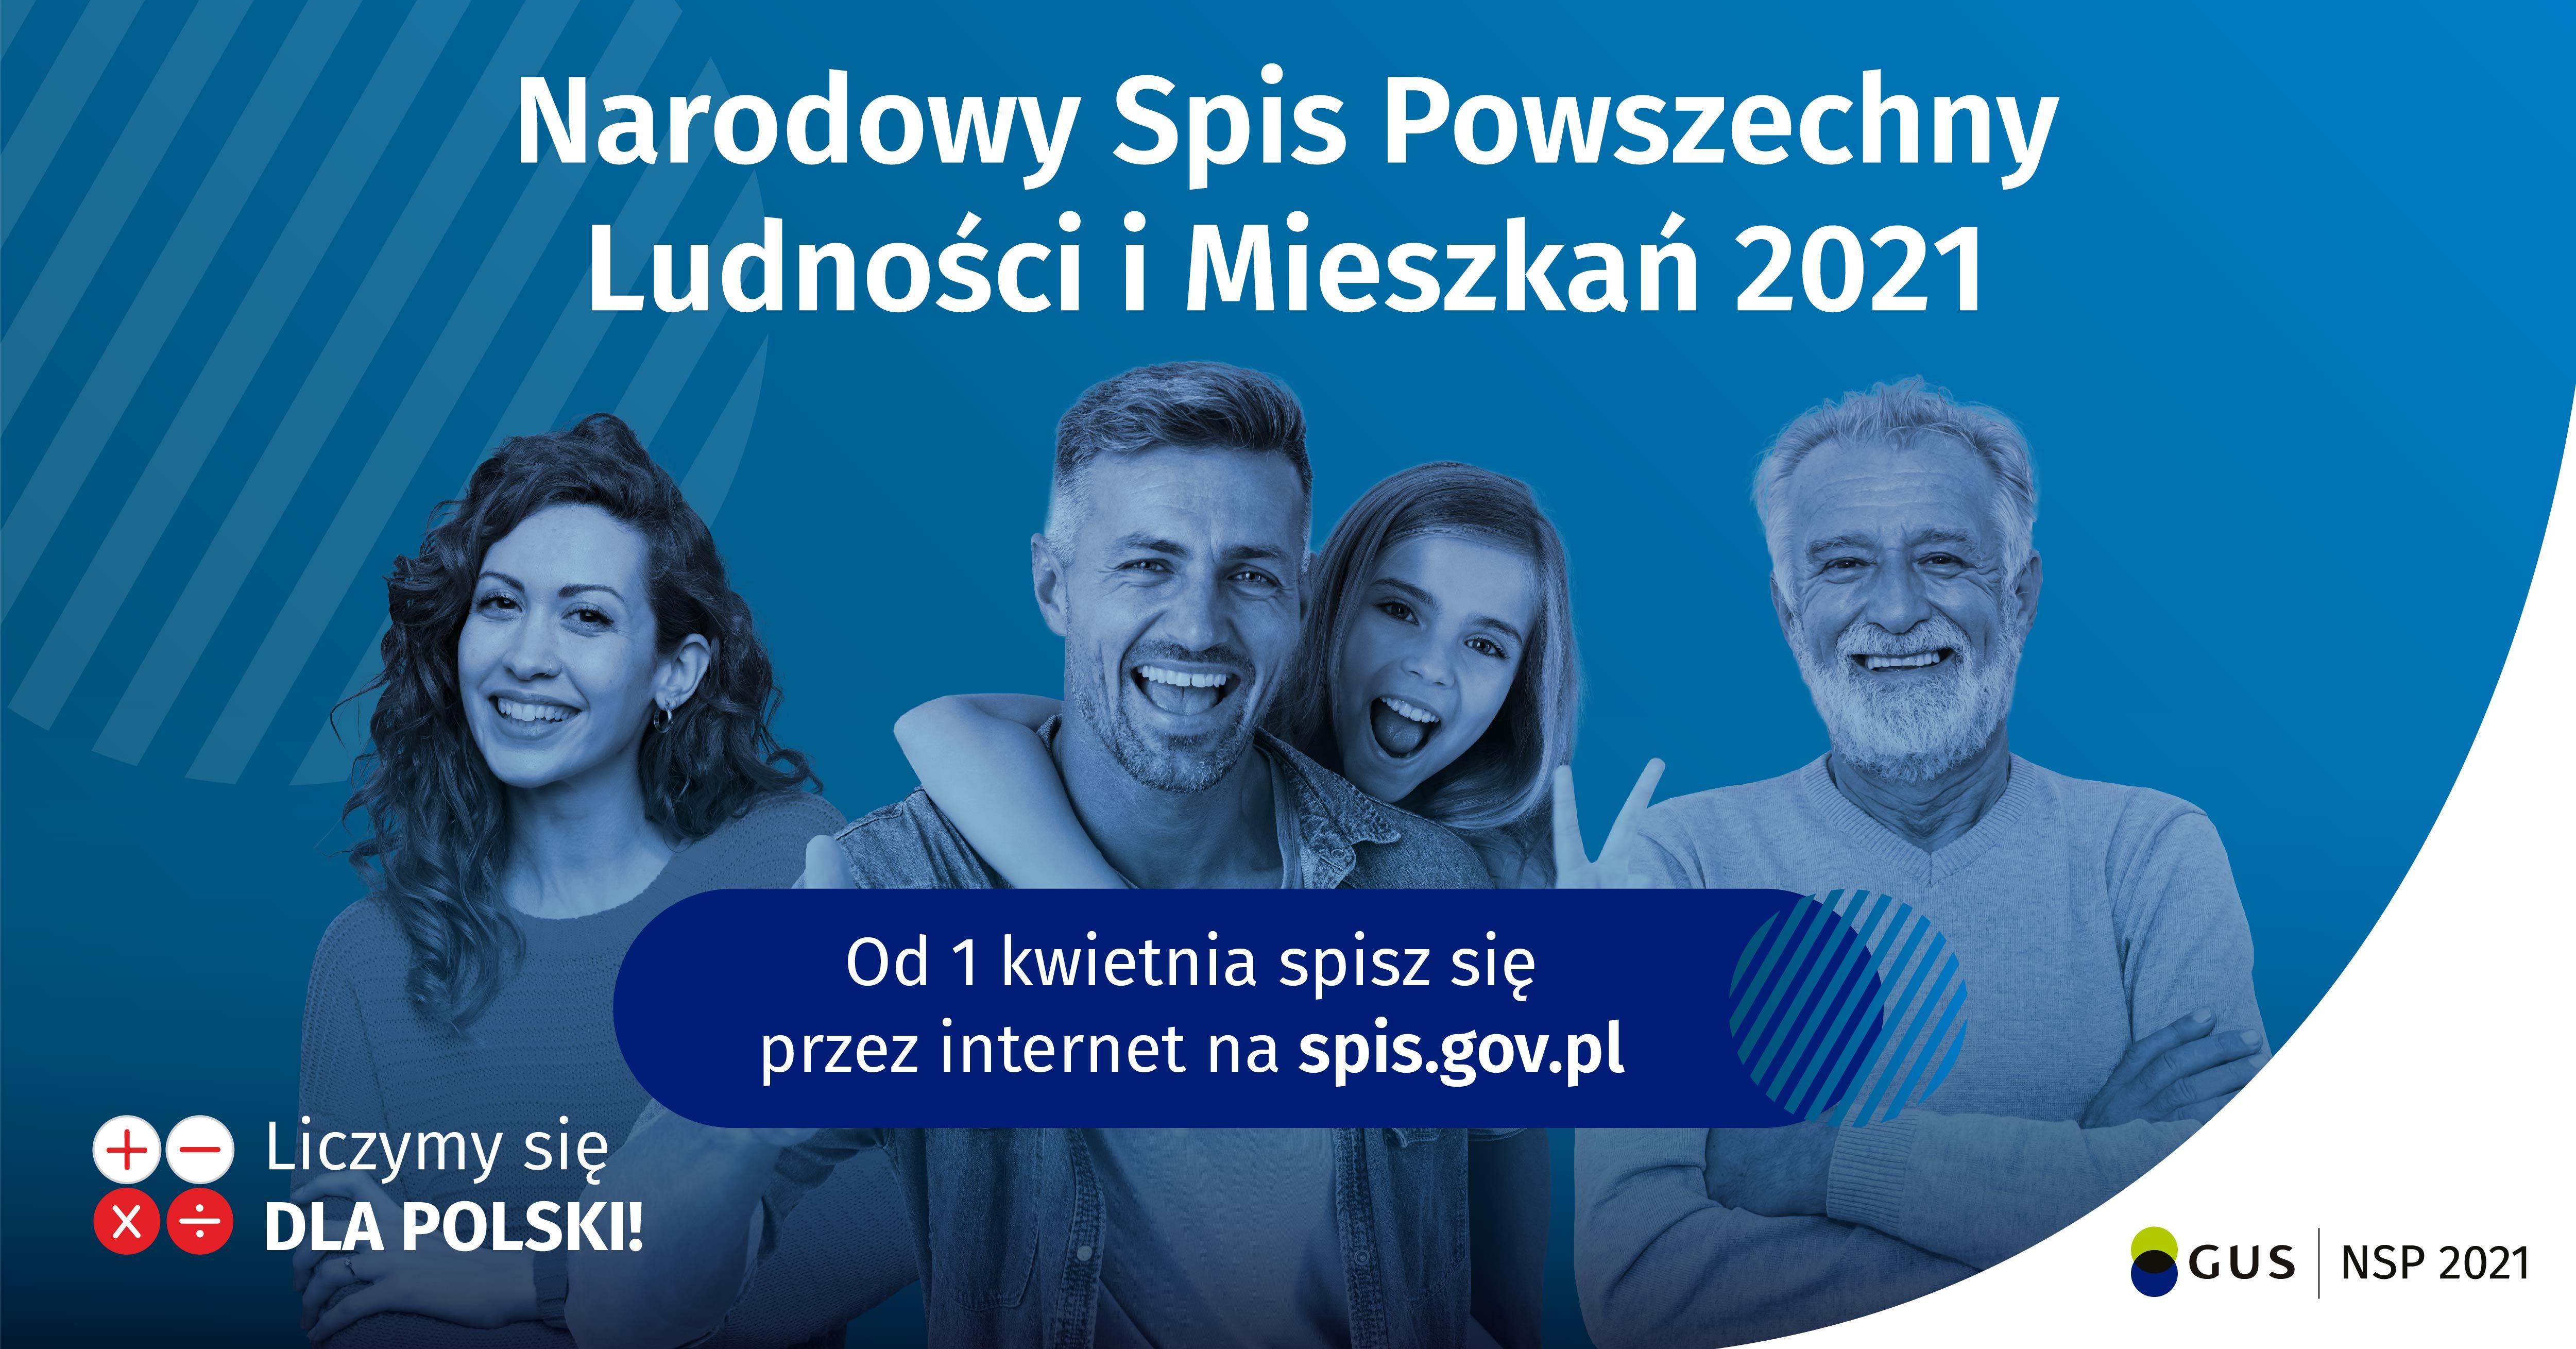 Spisz się przez Internet - Narodowy Spis Powszechny Ludności i Mieszkań 2021